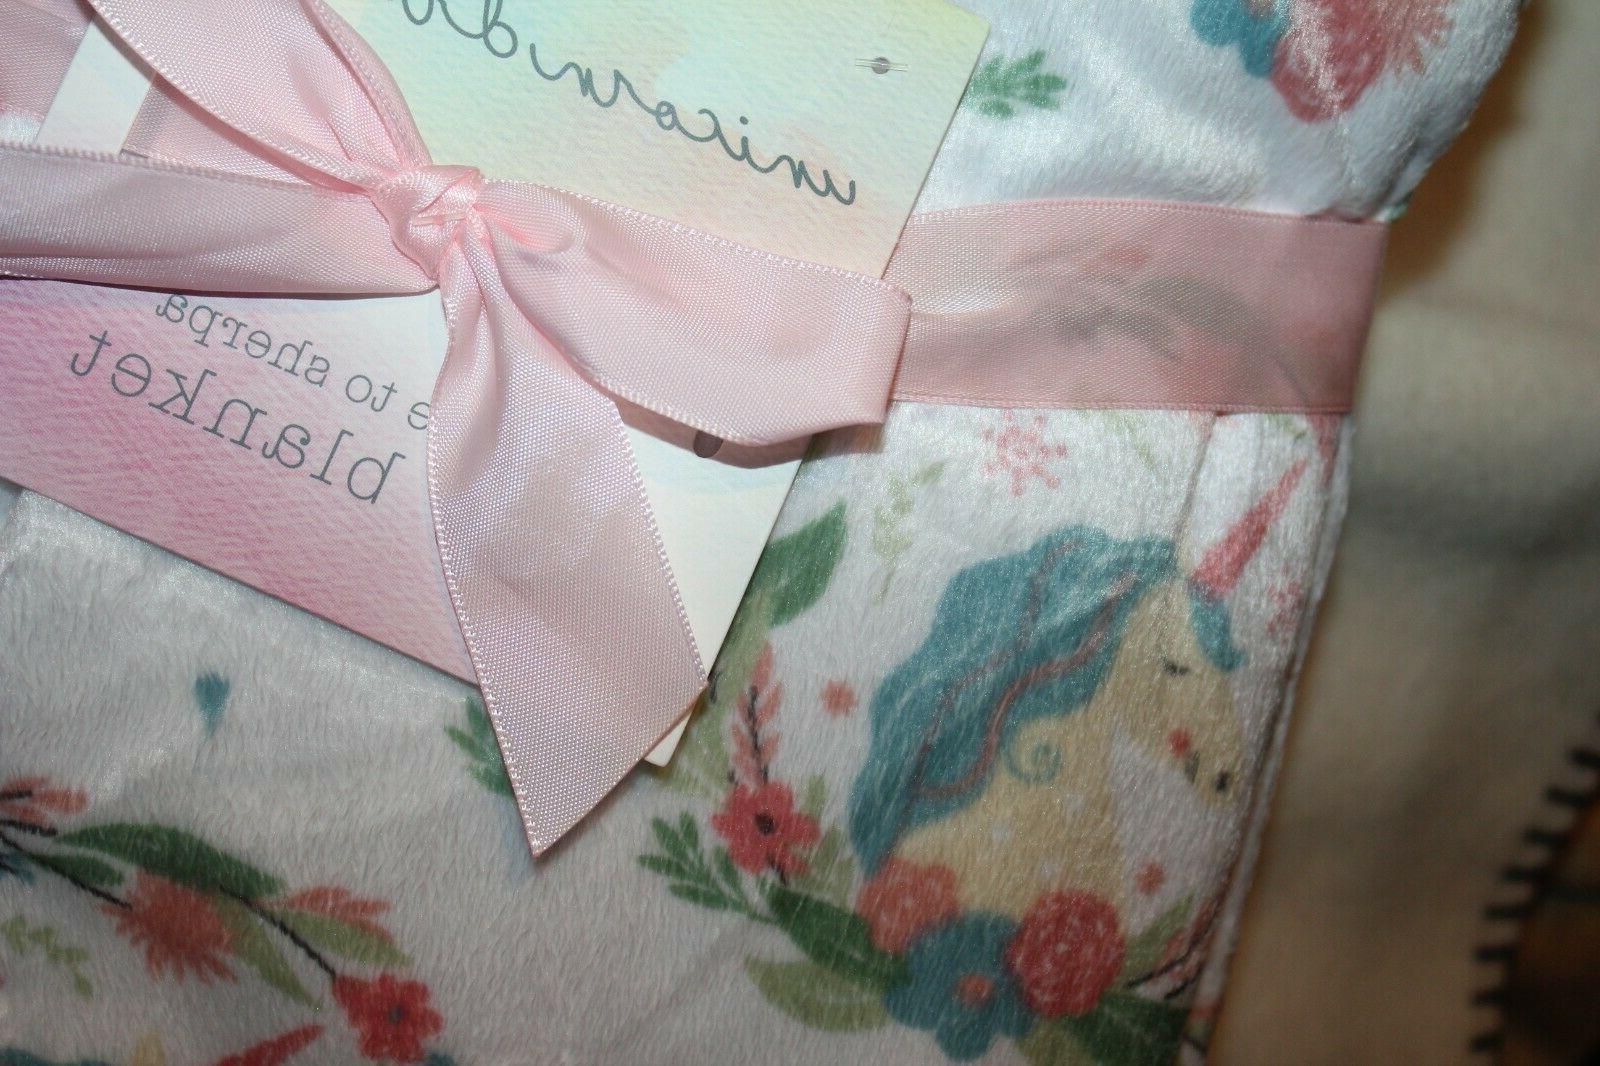 UNICORN DREAMS BrandBABY 30x40 100% NWT soft colors!